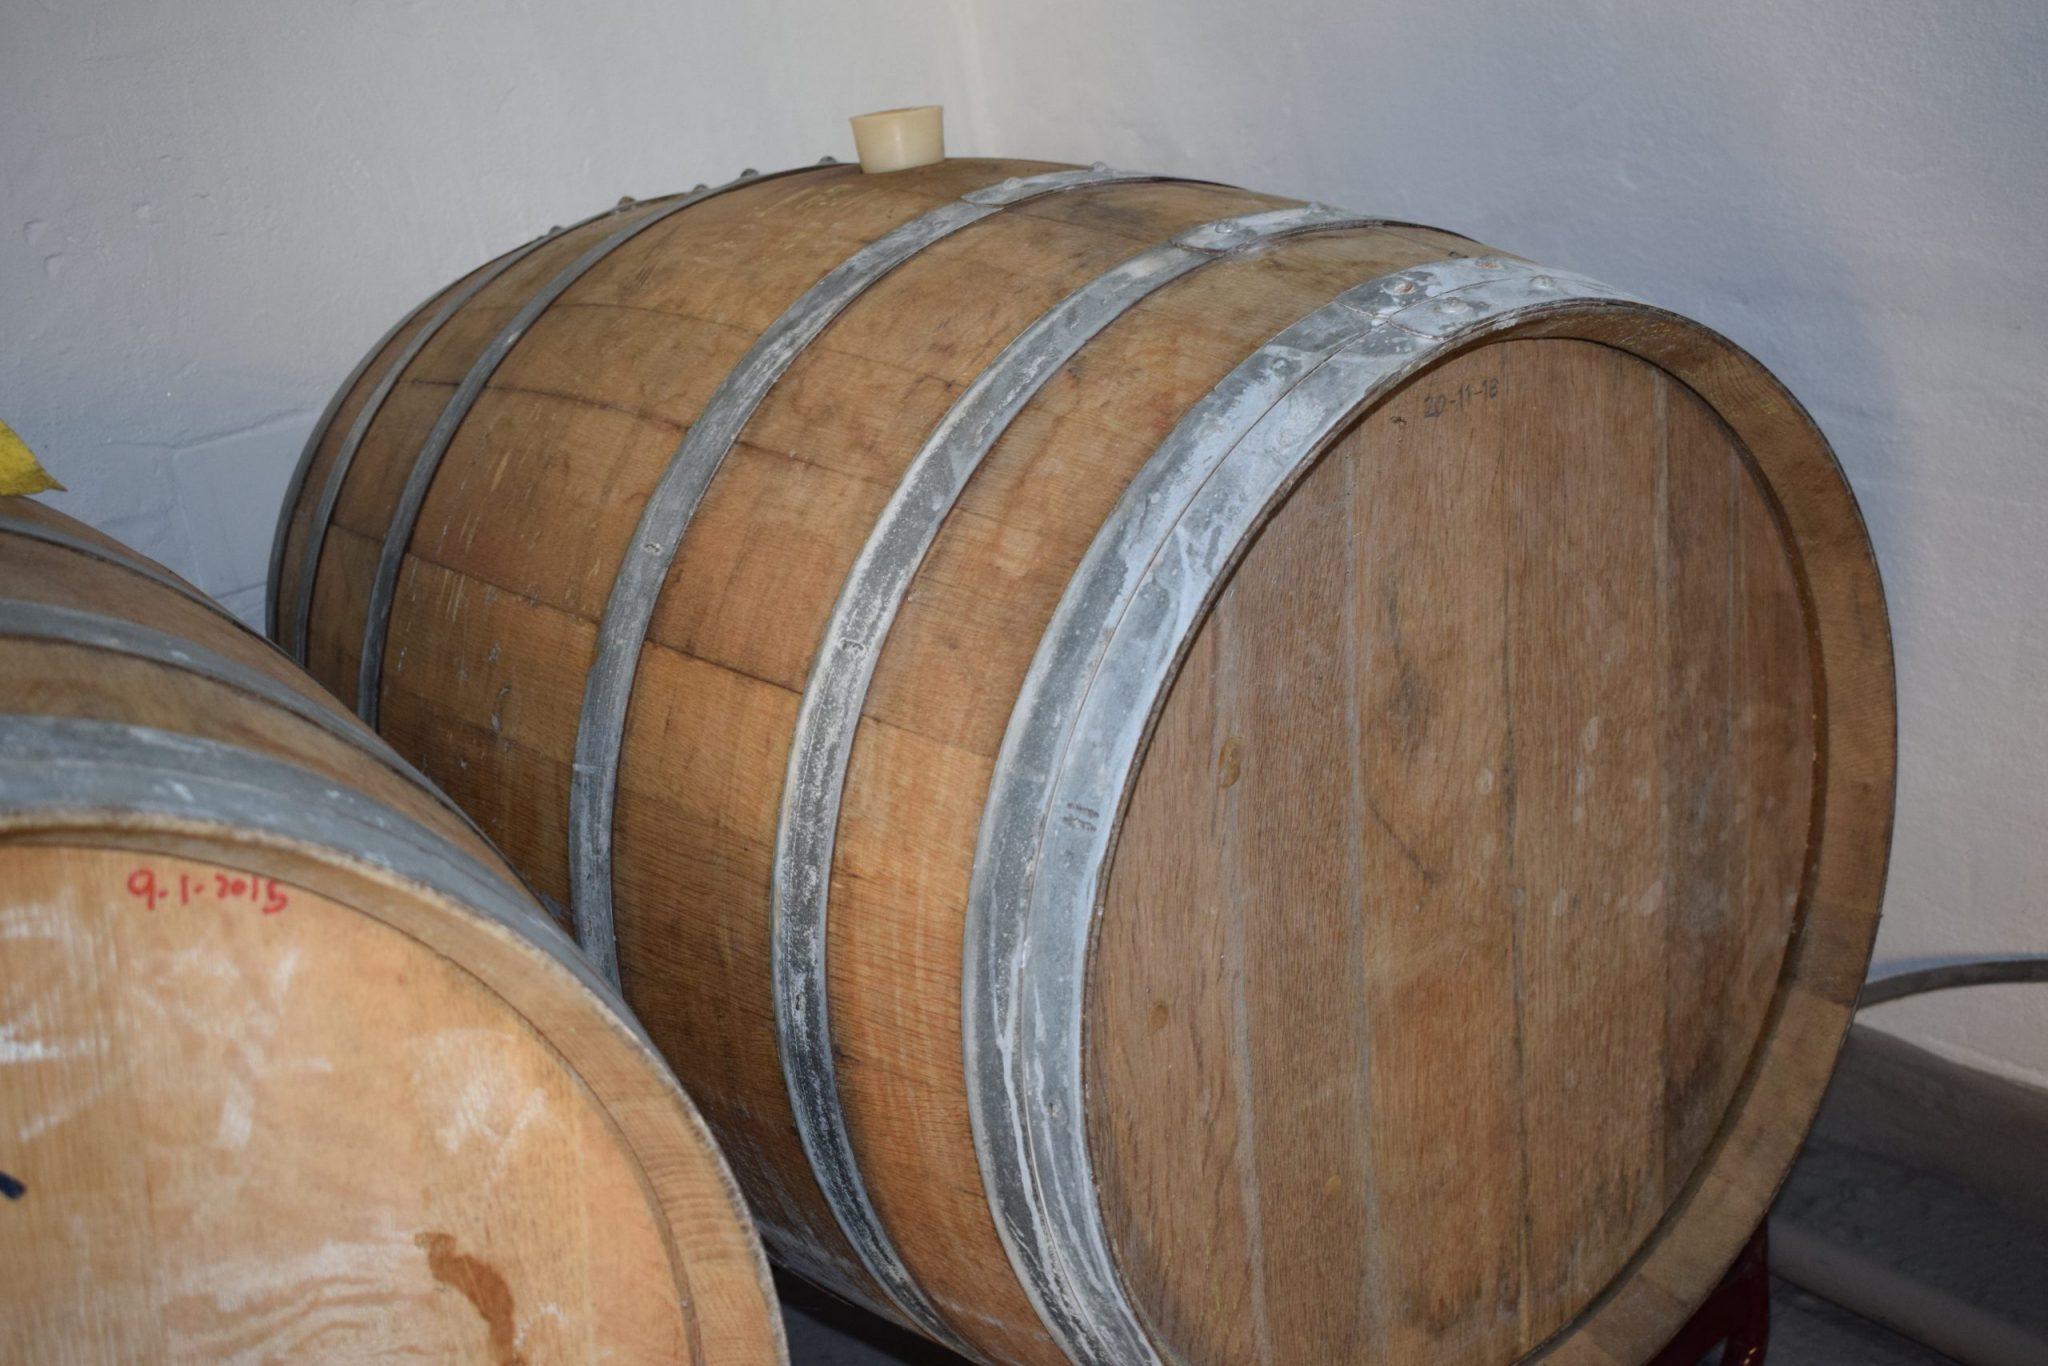 Barrels of cider